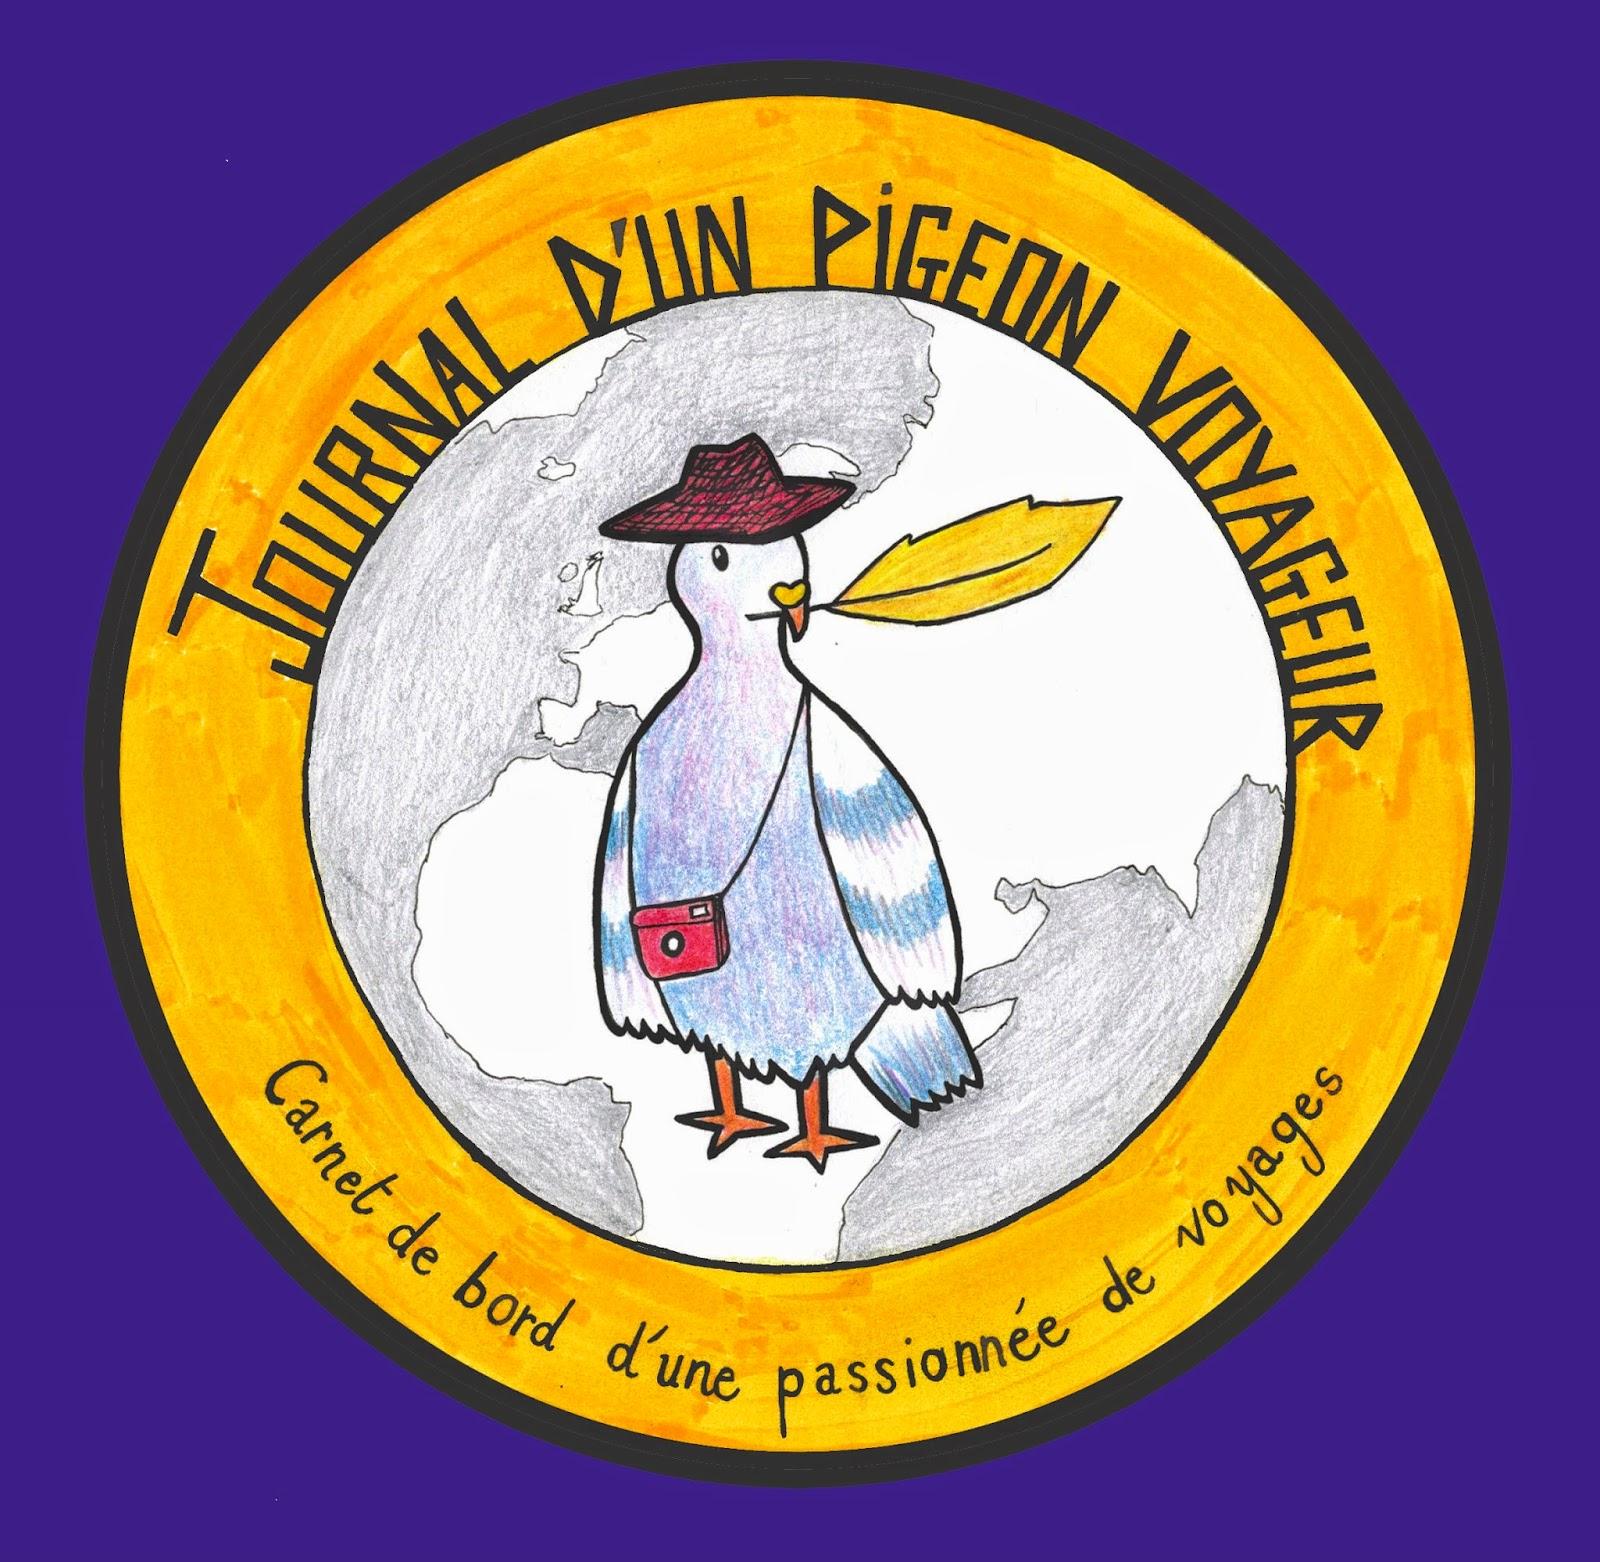 journal-dun-pigeon-voyageur